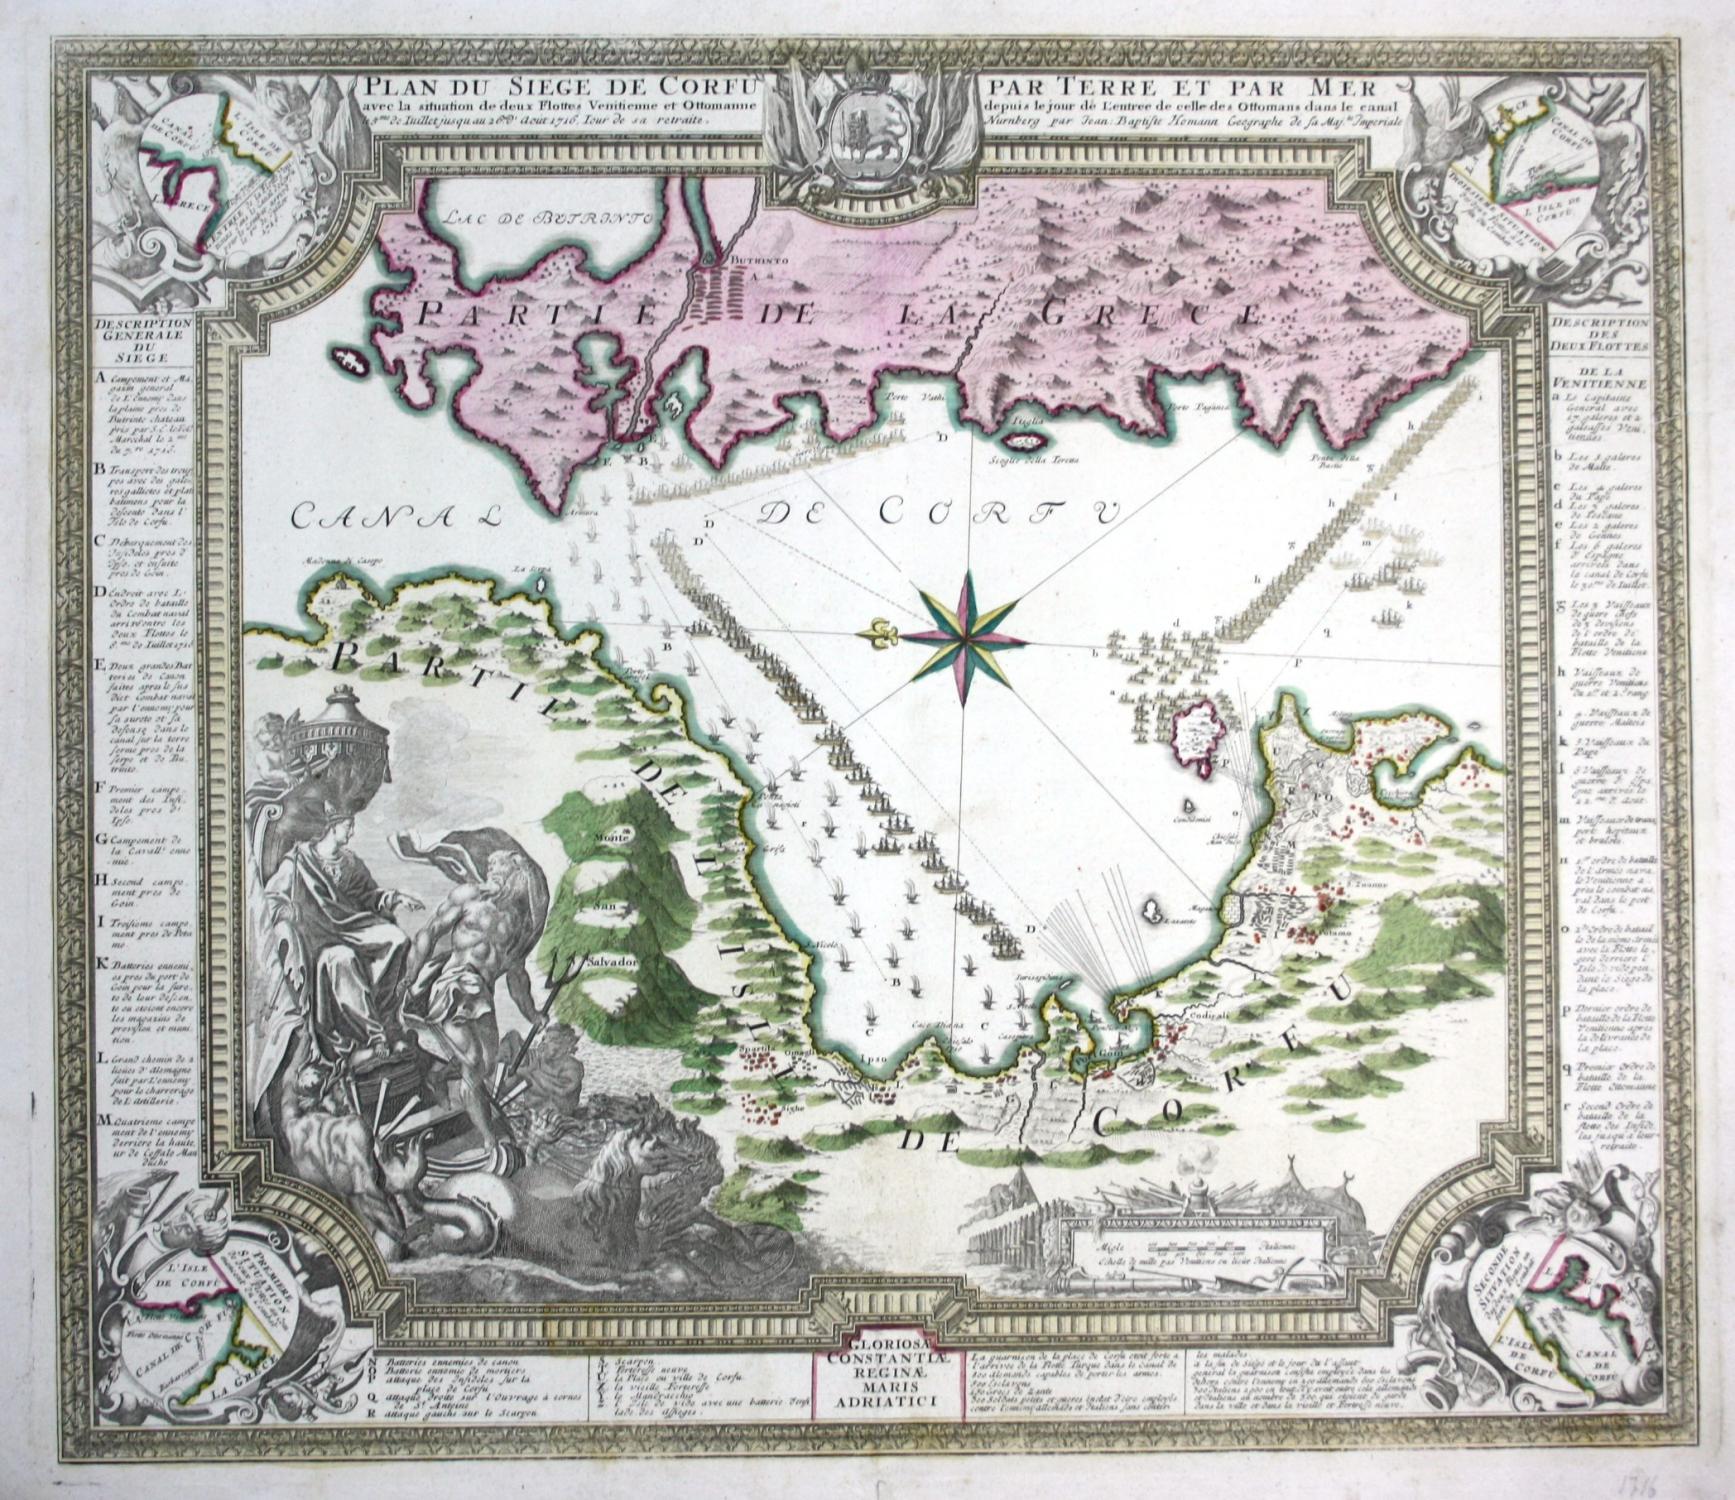 plan du siege de corfu par terre et par mer avec la situation de deux flottes